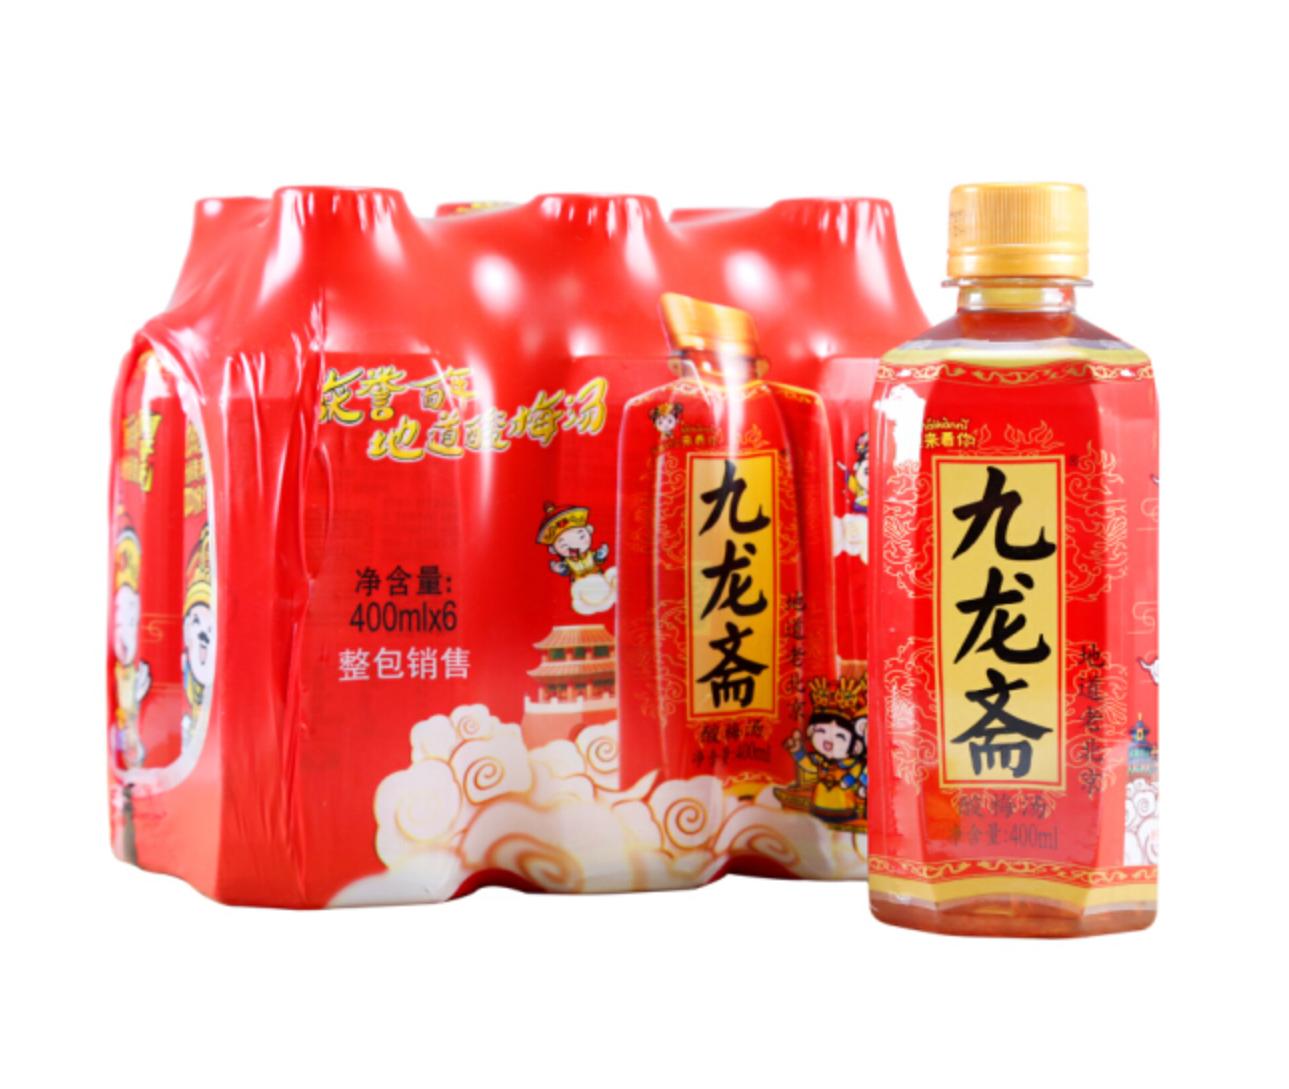 九龙斋老北京风味酸梅汤饮料 400ml*6瓶解暑饮料冰糖熬制【图2】